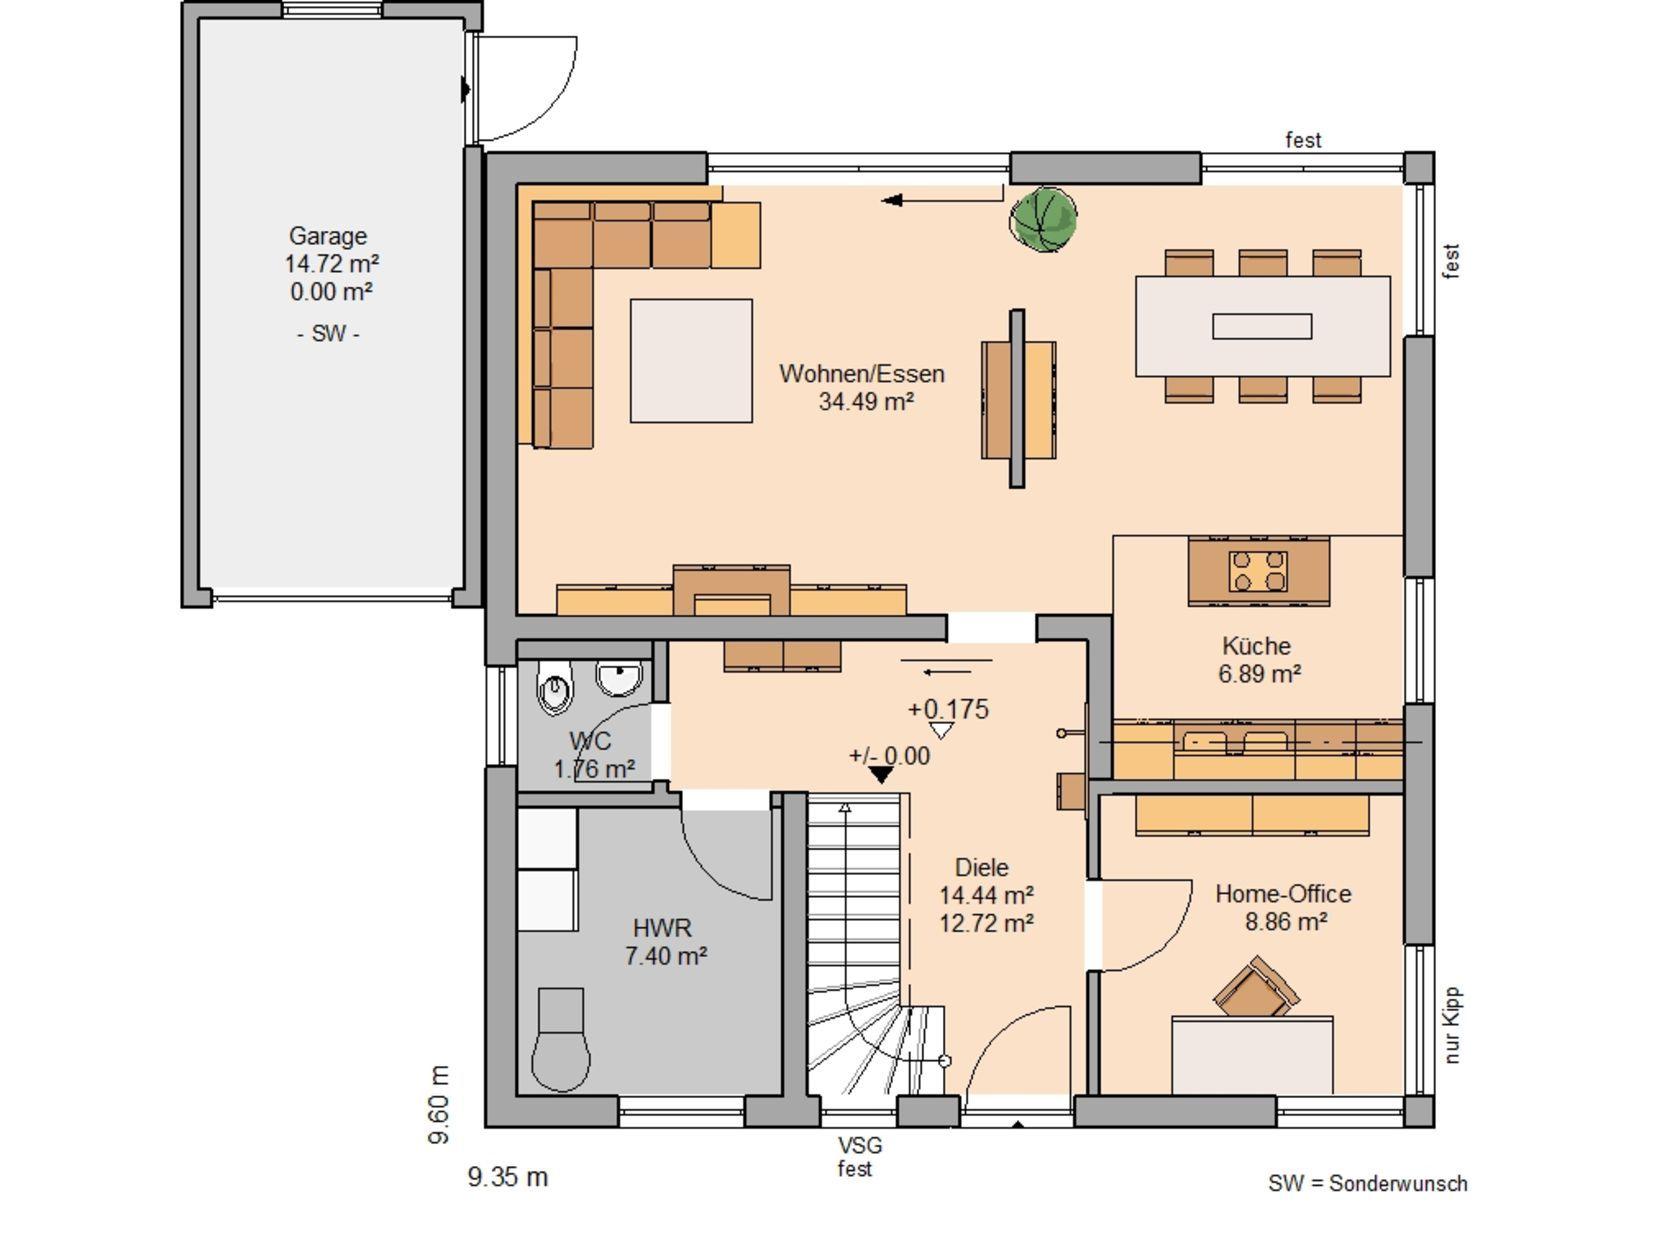 Grundriss einfamilienhaus modern obergeschoss  Kern-Haus Familienhaus Luna Plus Grundriss Erdgeschoss ...